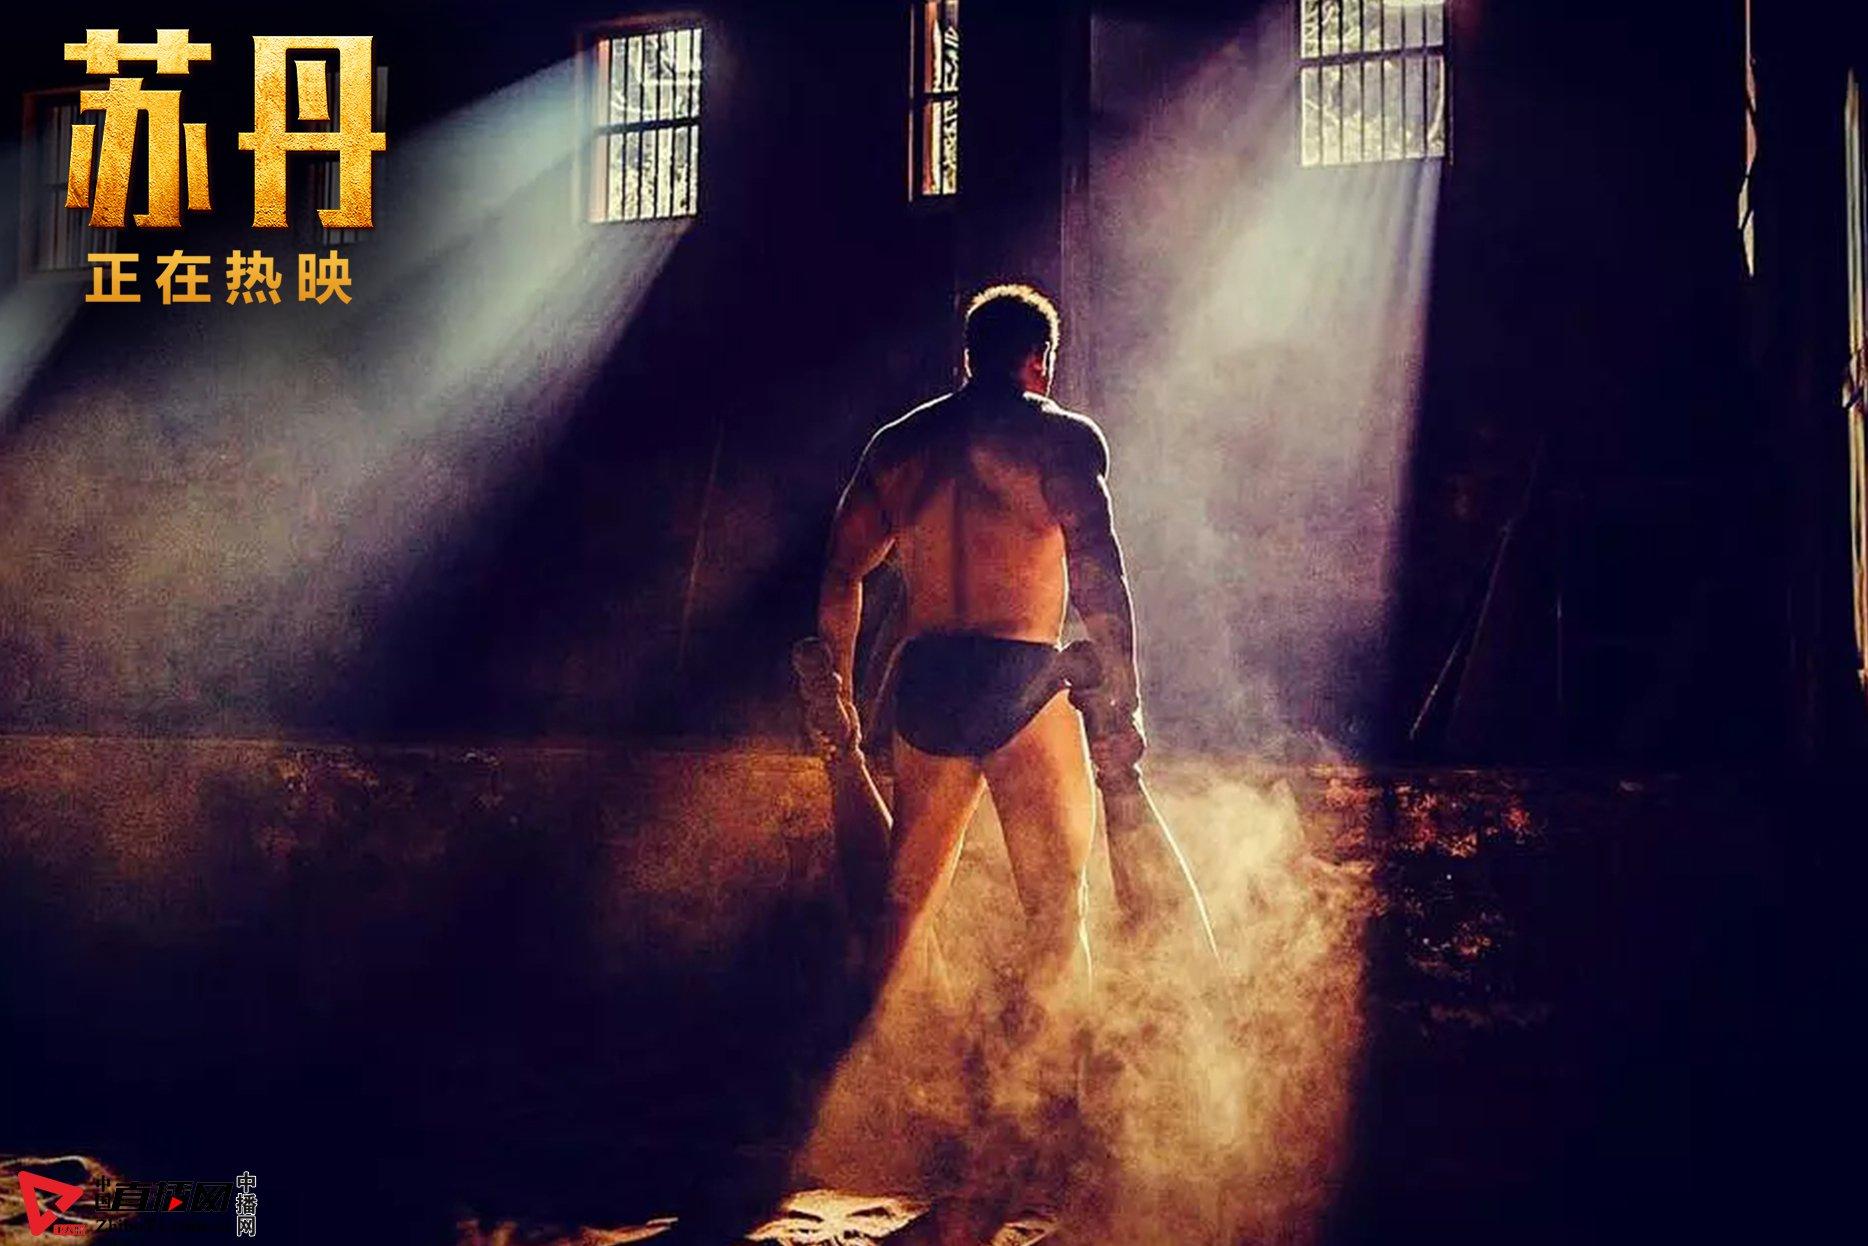 印度电影《苏丹》热映口碑发酵 实力强劲有望长线发力